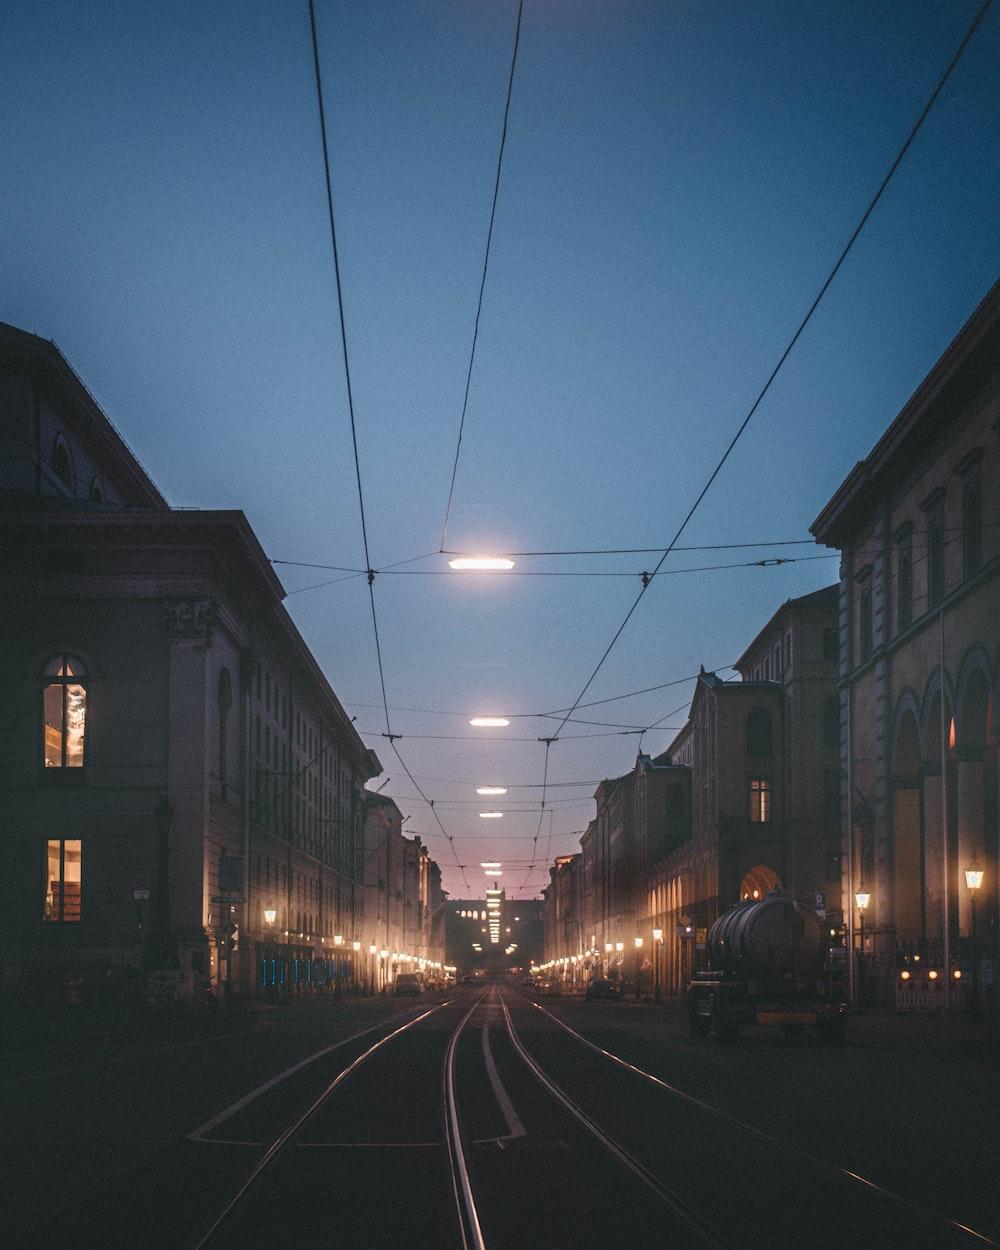 lighted tram rail between buildings